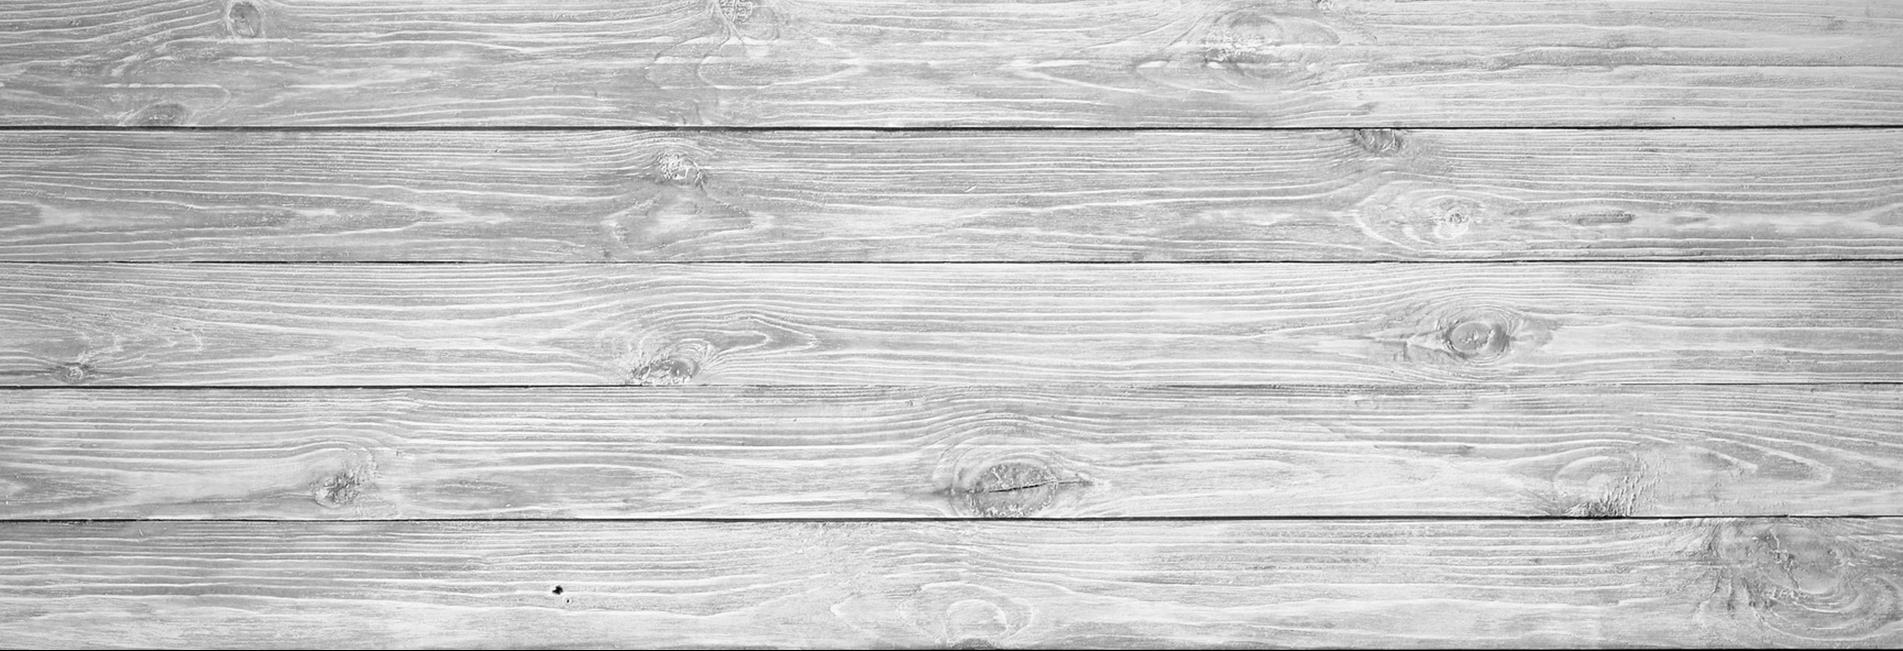 photodune-2487584-white-wood-background-m1-e1431696311738